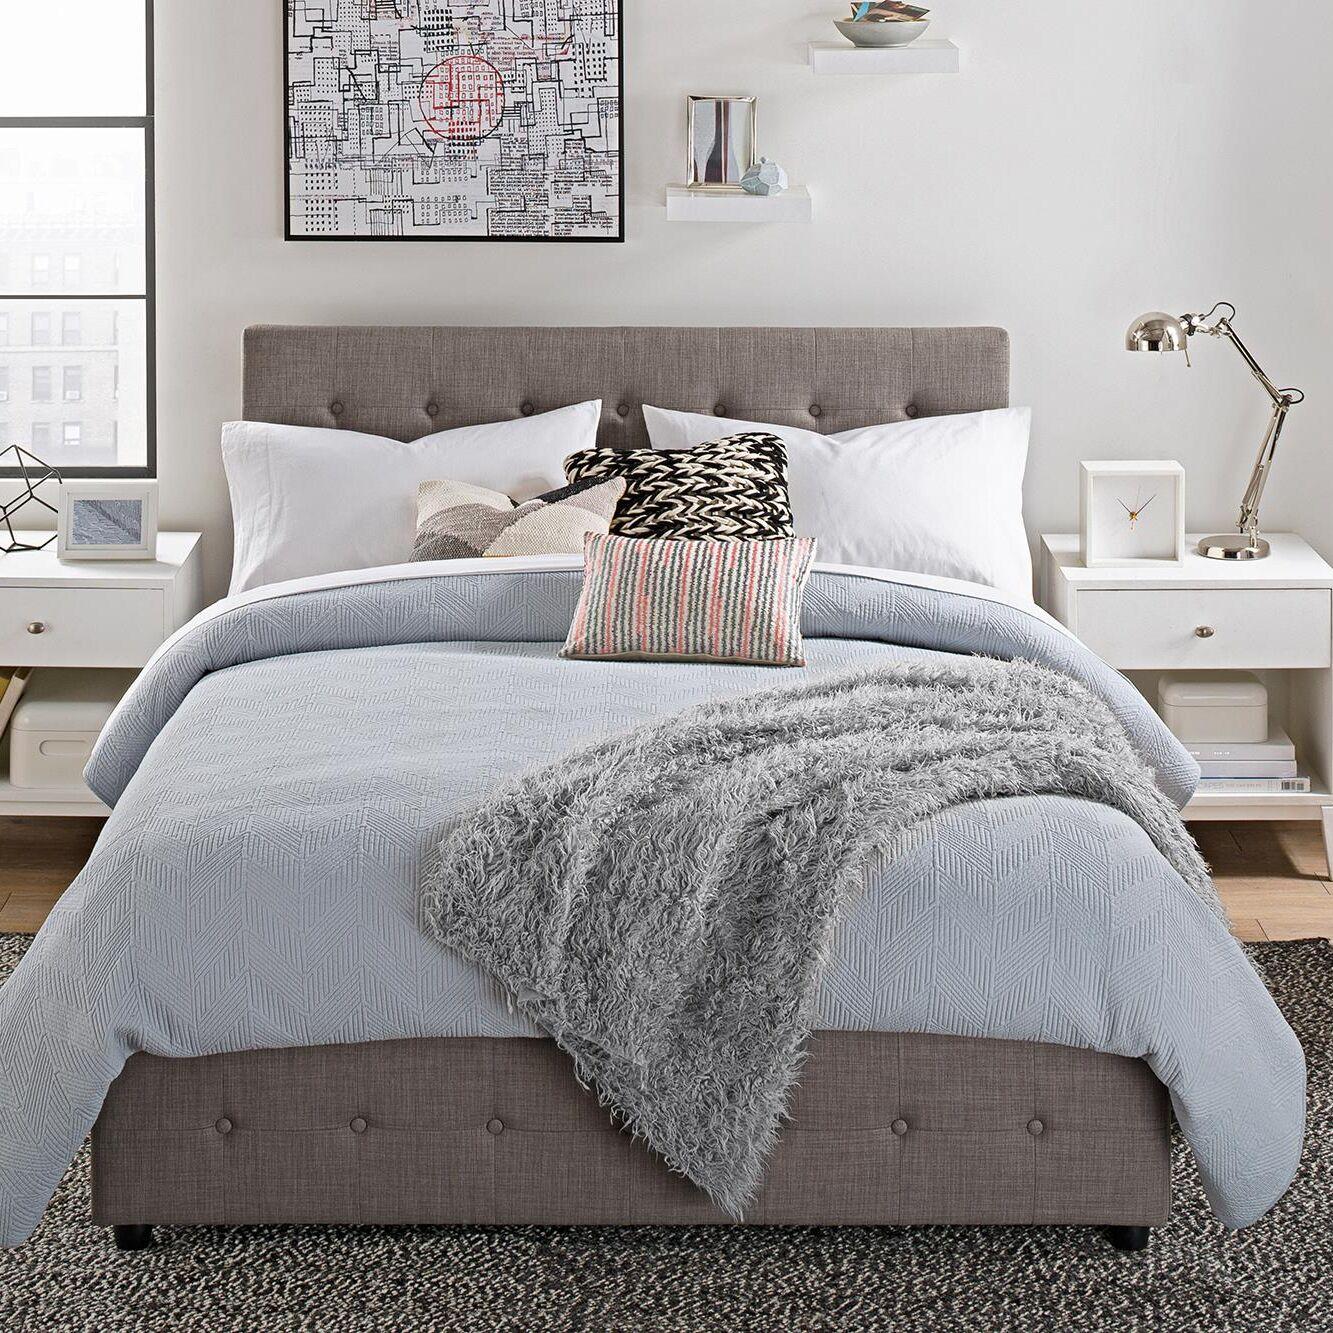 Morphis Upholstered Platform Bed Size: Queen